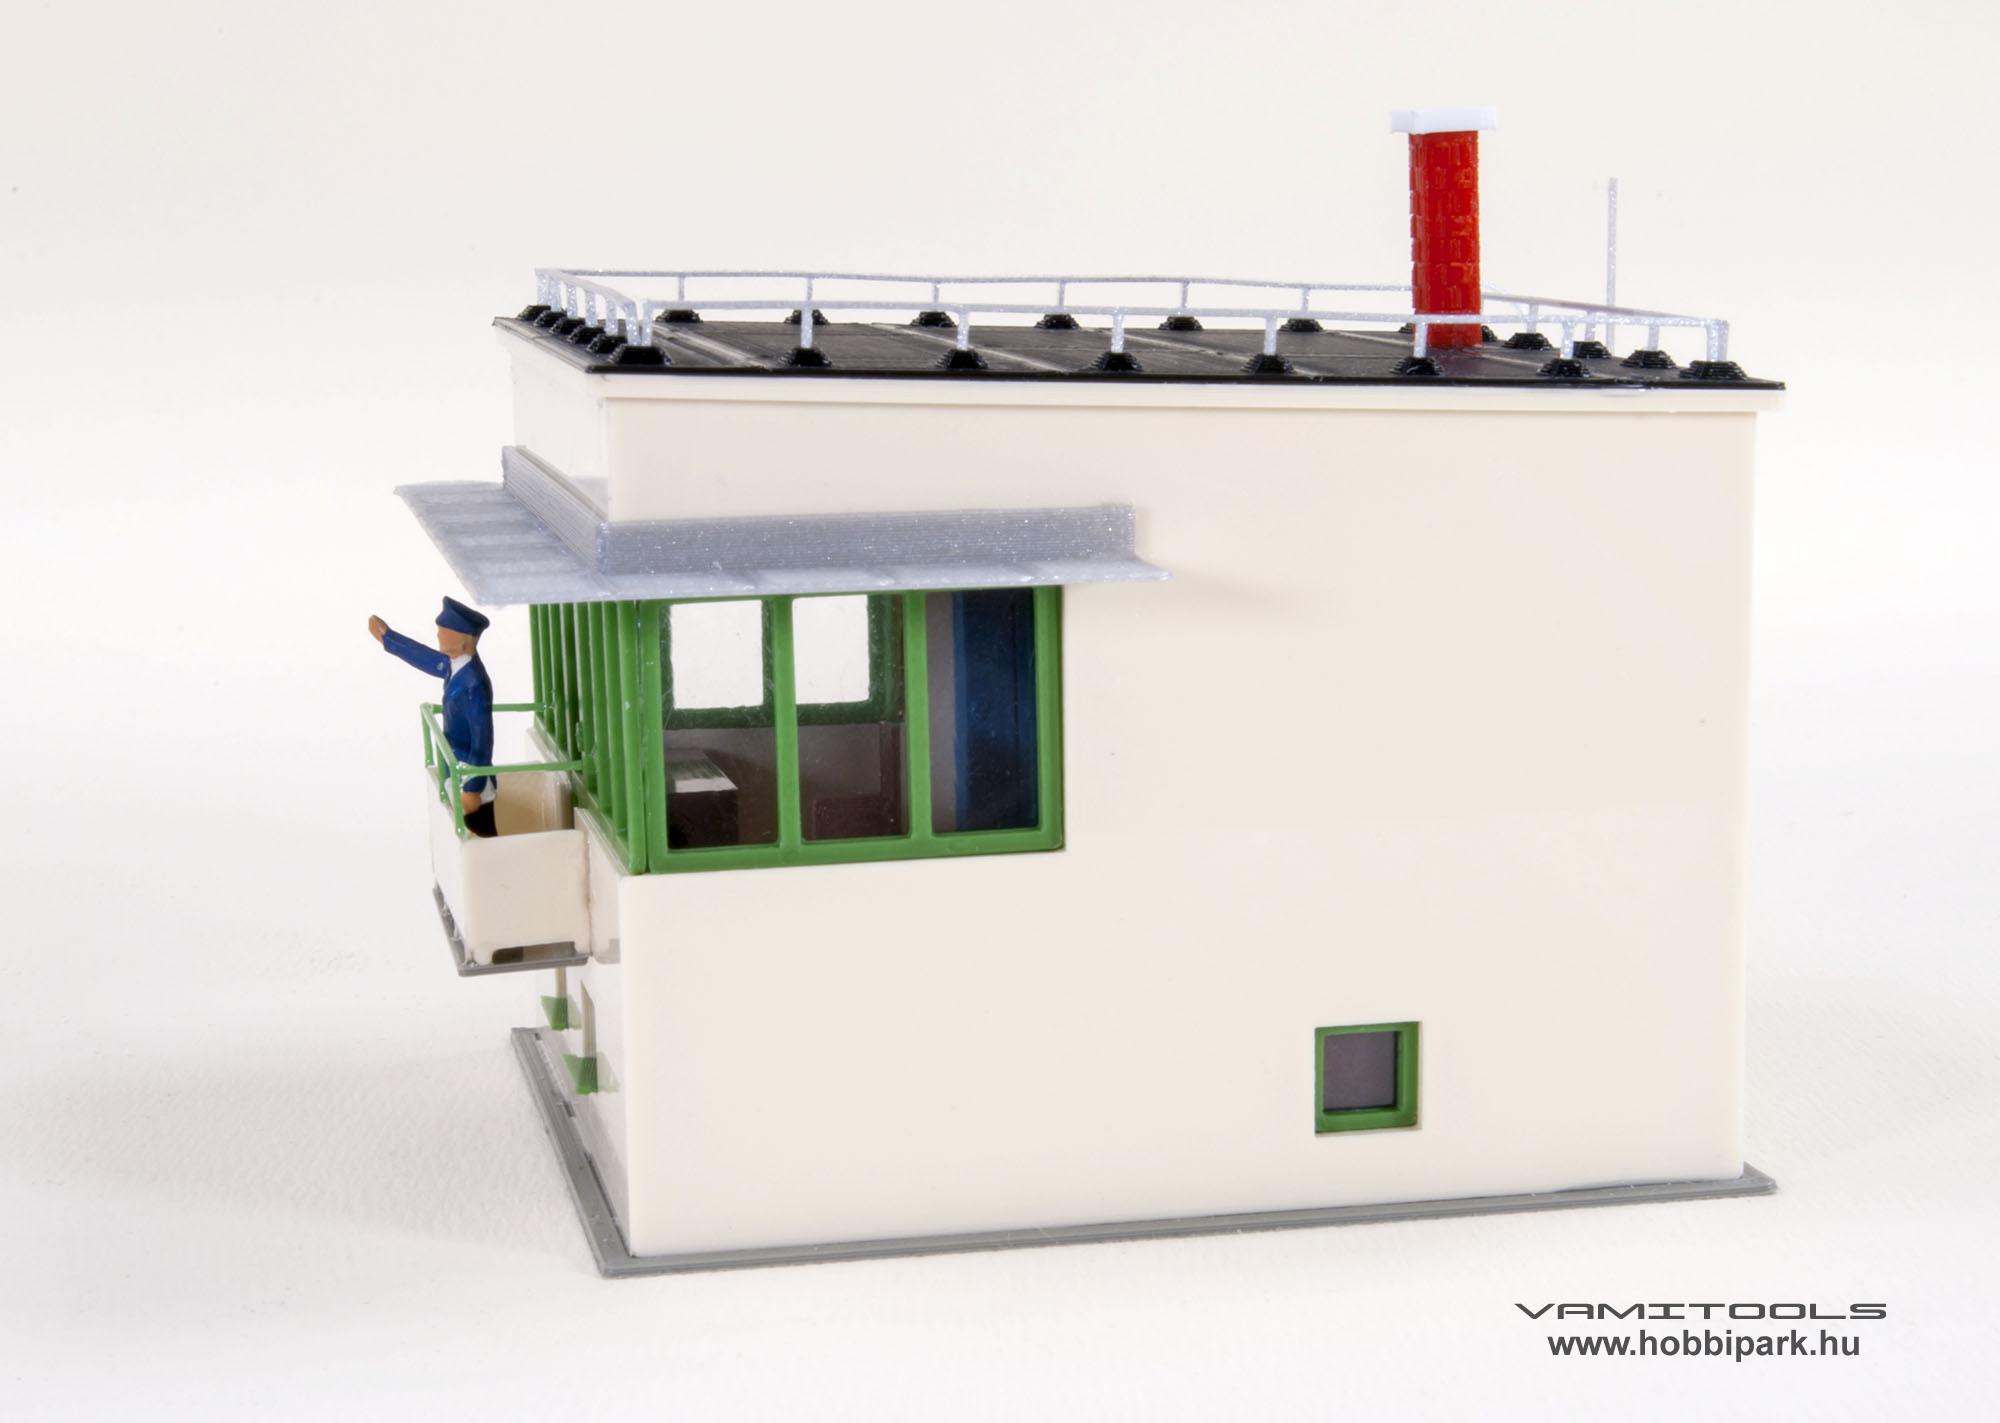 váltókezelő épület, váltókezelő, váltóállító, váltóállító épület, őrhely, vasúti őrhely, épület, ház, végponti szolgálati hely, őrház, vasúi őrház, vasúti épület, MÁV váltókezelő épület, MÁV váltókezelő, MÁV váltóállító, MÁV váltóállító épület, MÁV őrhely, MÁV vasúti őrhely, MÁV épület, MÁV ház, MÁV végponti szolgálati hely, MÁV őrház, MÁV vasúi őrház, MÁV vasúti épület, HÉV váltókezelő épület, HÉV váltókezelő, HÉV váltóállító, HÉV váltóállító épület, HÉV őrhely, HÉV vasúti őrhely, HÉV épület, HÉV ház, HÉV végponti szolgálati hely, HÉV őrház, HÉV vasúi őrház, HÉV vasúti épület, Nagytétény váltókezelő épület, Nagytétény váltókezelő, Nagytétény váltóállító, Nagytétény váltóállító épület, Nagytétény őrhely, Nagytétény vasúti őrhely, Nagytétény épület, Nagytétény ház, Nagytétény végponti szolgálati hely, Nagytétény őrház, Nagytétény vasúi őrház, Nagytétény vasúti épület, terepasztal, dioráma, H0 váltókezelő épület, H0 váltókezelő, H0 váltóállító, H0 váltóállító épület, H0 őrhely, H0 vasúti őrhely, H0 épület, H0 ház, H0 végponti szolgálati hely, H0 őrház, H0 vasúi őrház, H0 vasúti épület, H0 MÁV váltókezelő épület, H0 MÁV váltókezelő, H0 MÁV váltóállító, H0 MÁV váltóállító épület, H0 MÁV őrhely, H0 MÁV vasúti őrhely, H0 MÁV épület, H0 MÁV ház, H0 MÁV végponti szolgálati hely, H0 MÁV őrház, H0 MÁV vasúi őrház, H0 MÁV vasúti épület, H0 HÉV váltókezelő épület, H0 HÉV váltókezelő, H0 HÉV váltóállító, H0 HÉV váltóállító épület, H0 HÉV őrhely, H0 HÉV vasúti őrhely, H0 HÉV épület, H0 HÉV ház, H0 HÉV végponti szolgálati hely, H0 HÉV őrház, H0 HÉV vasúi őrház, H0 HÉV vasúti épület, H0 Nagytétény váltókezelő épület, H0 Nagytétény váltókezelő, H0 Nagytétény váltóállító, H0 Nagytétény váltóállító épület, H0 Nagytétény őrhely, H0 Nagytétény vasúti őrhely, H0 Nagytétény épület, H0 Nagytétény ház, H0 Nagytétény végponti szolgálati hely, H0 Nagytétény őrház, H0 Nagytétény vasúi őrház, H0 Nagytétény vasúti épület, H0 terepasztal, H0 dioráma, 1:87 váltókezelő épület, 1:87 váltókezelő, 1:8